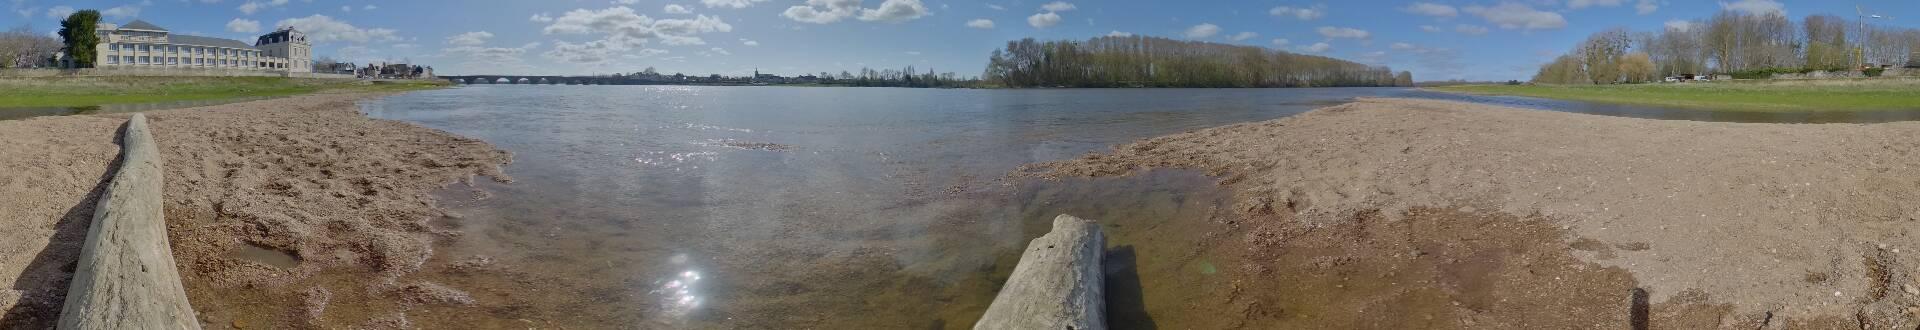 SRV360° | Sainte-Gemmes-sur-Loire France | visite virtuelle 360 3D VR